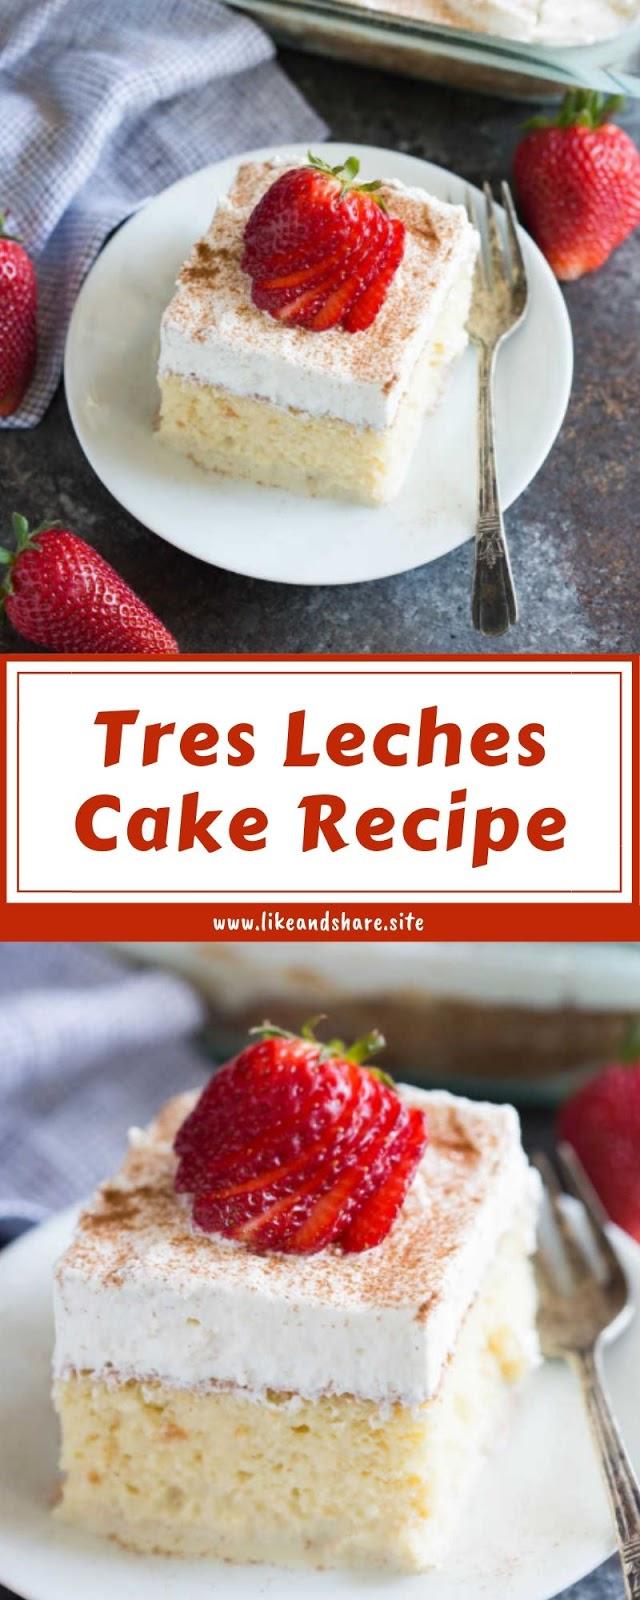 Tres Leches Cake Recipe